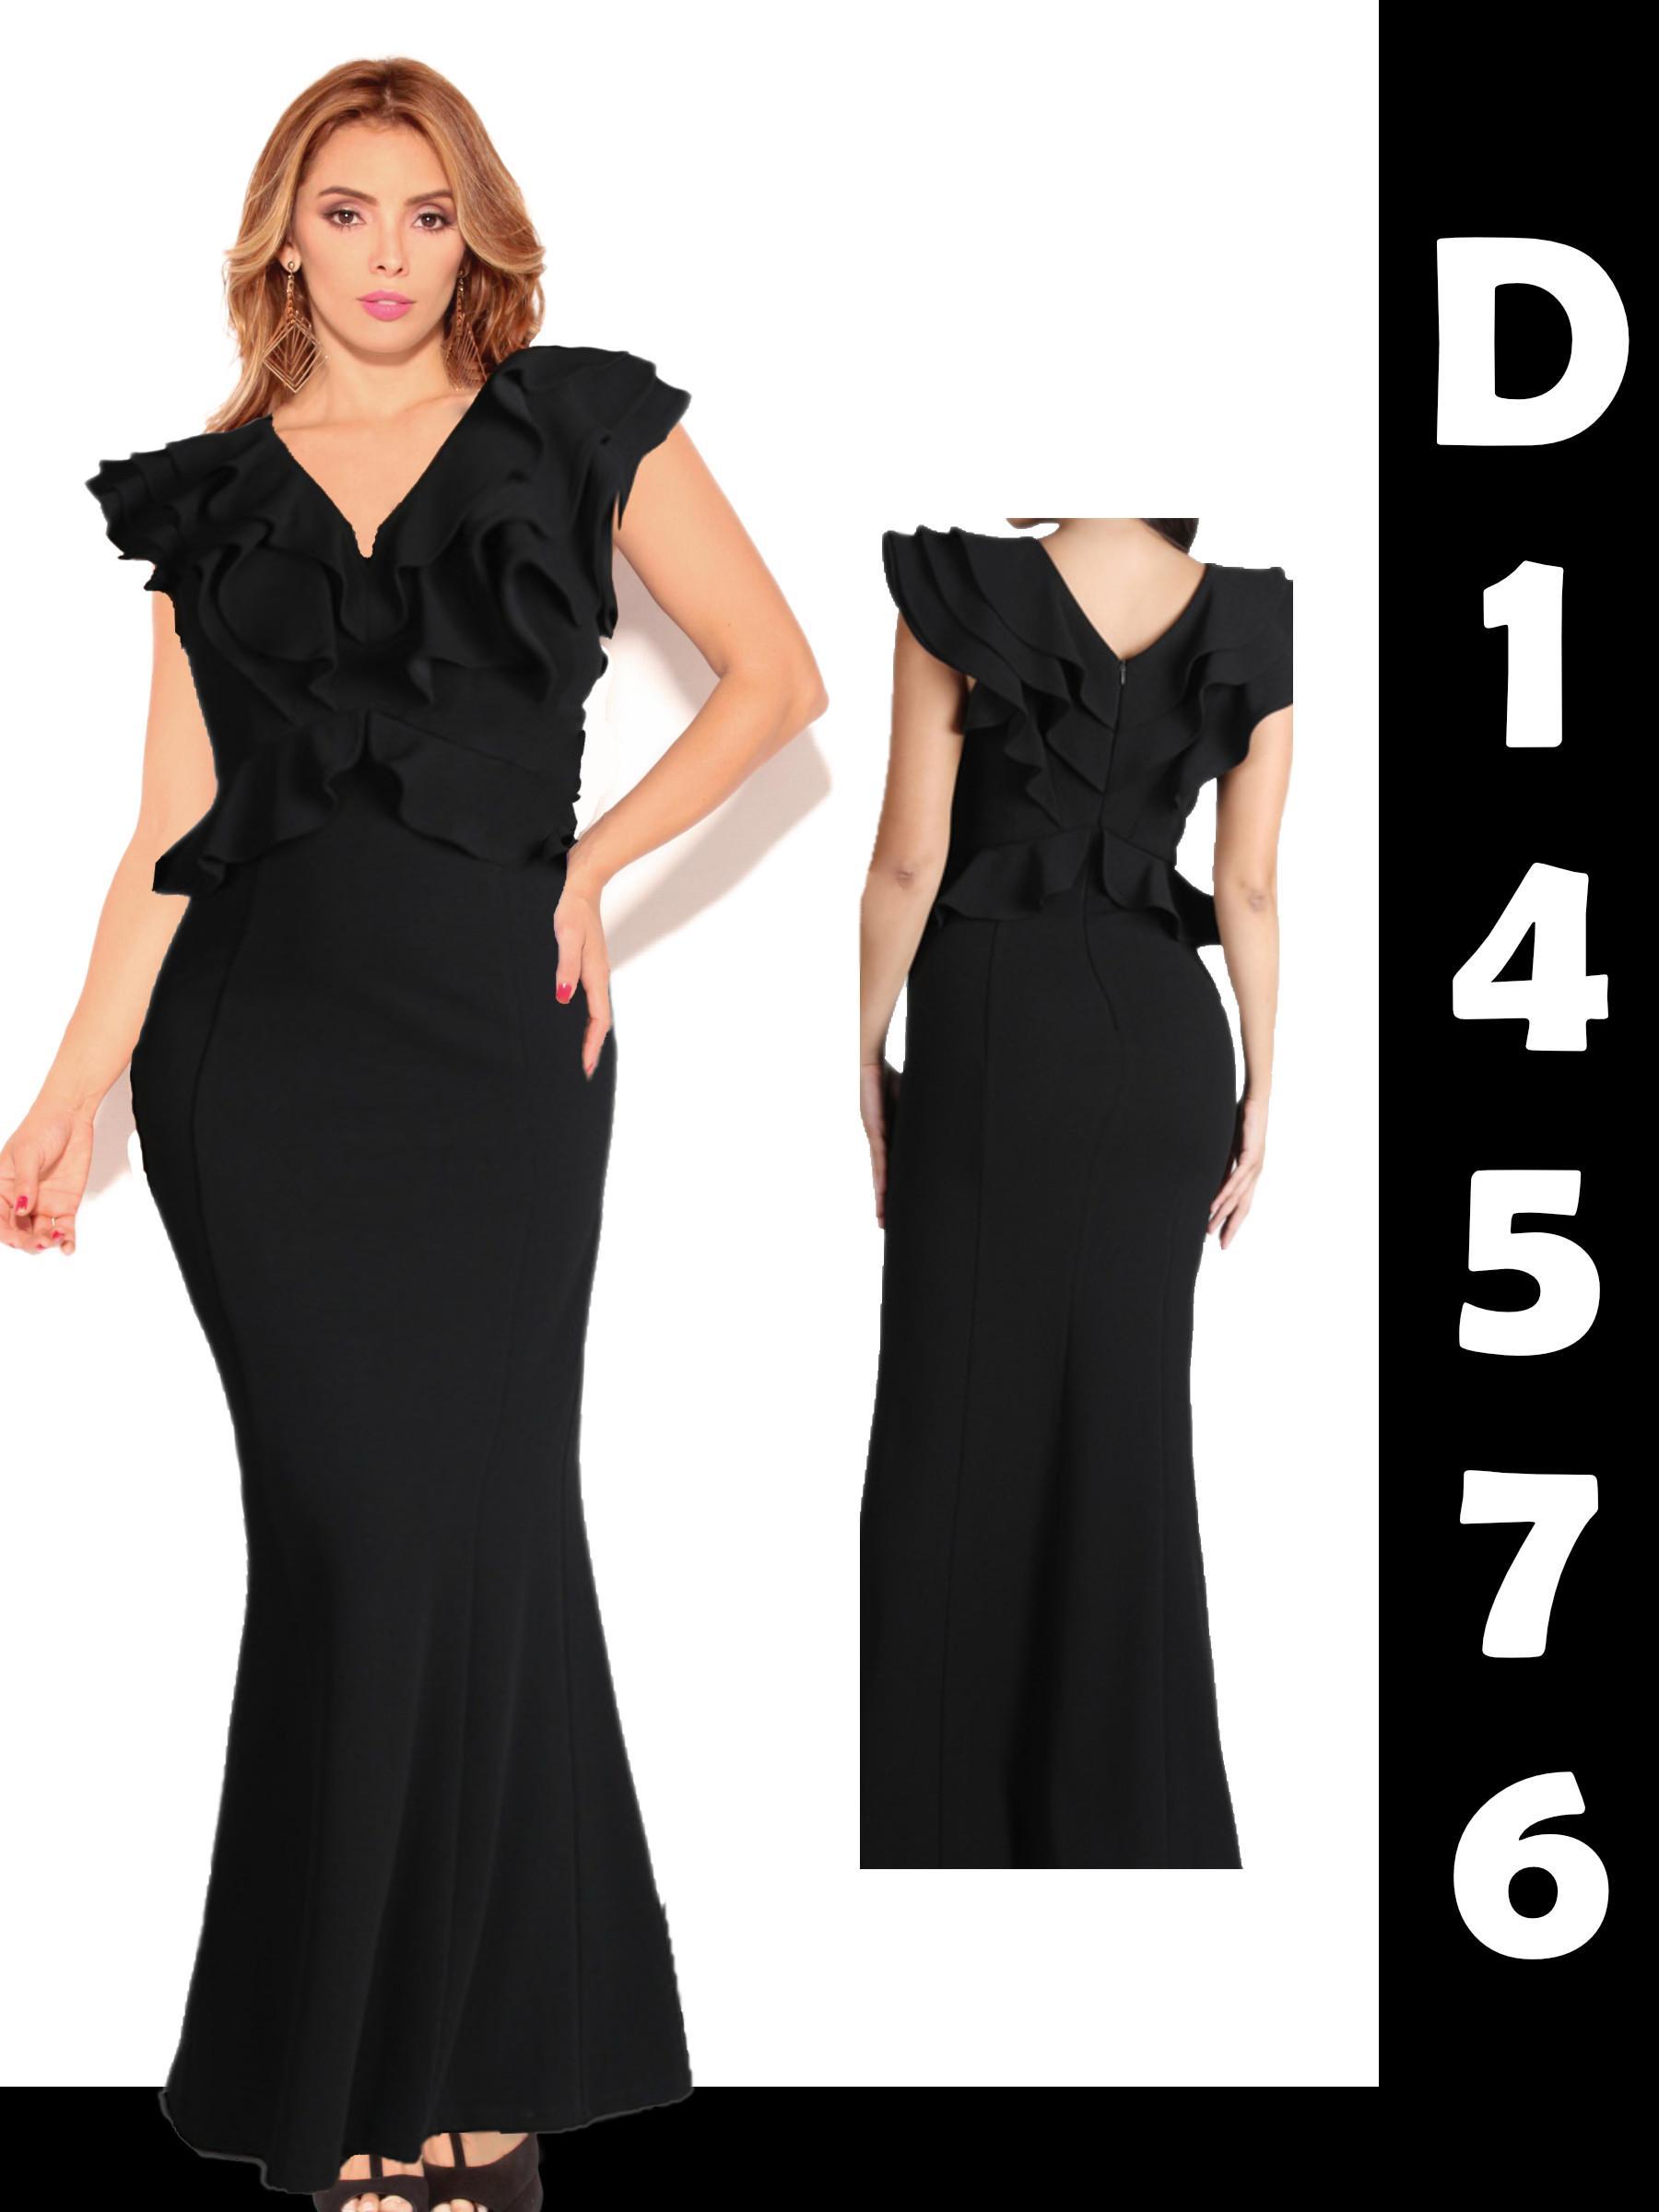 Vestido Americano de Moda, Diseño Largo de Falda Exclusiva, hombros descubiertos